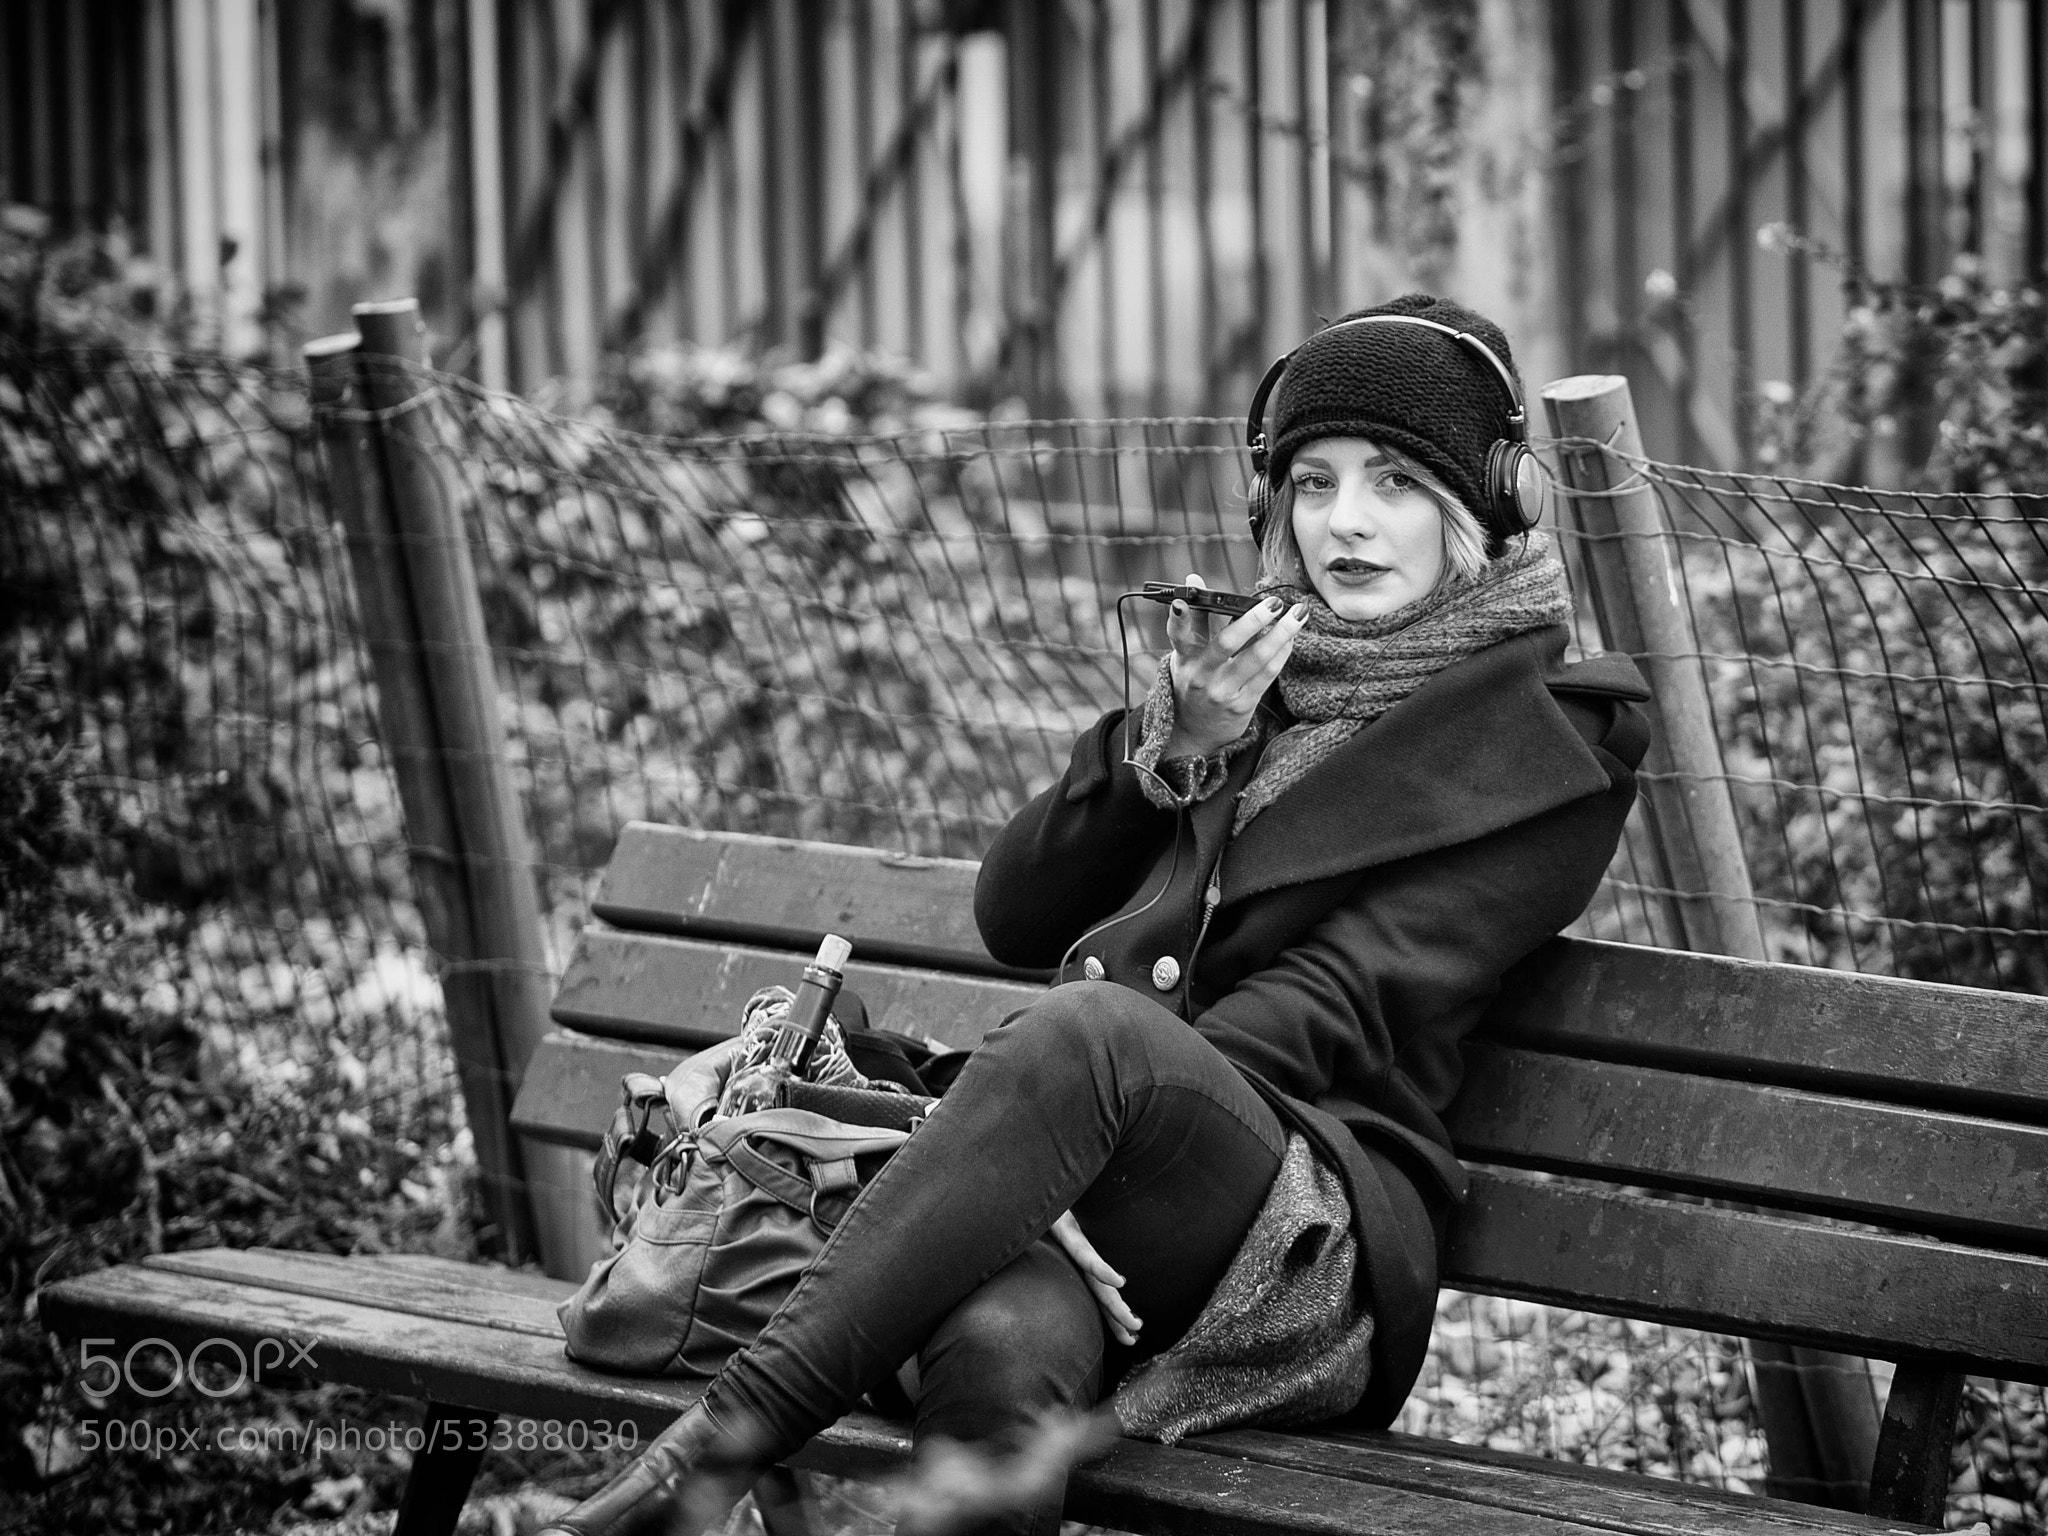 Photograph Cold morning in a park (Sacré-Cœur - Paris) by skamelone on 500px